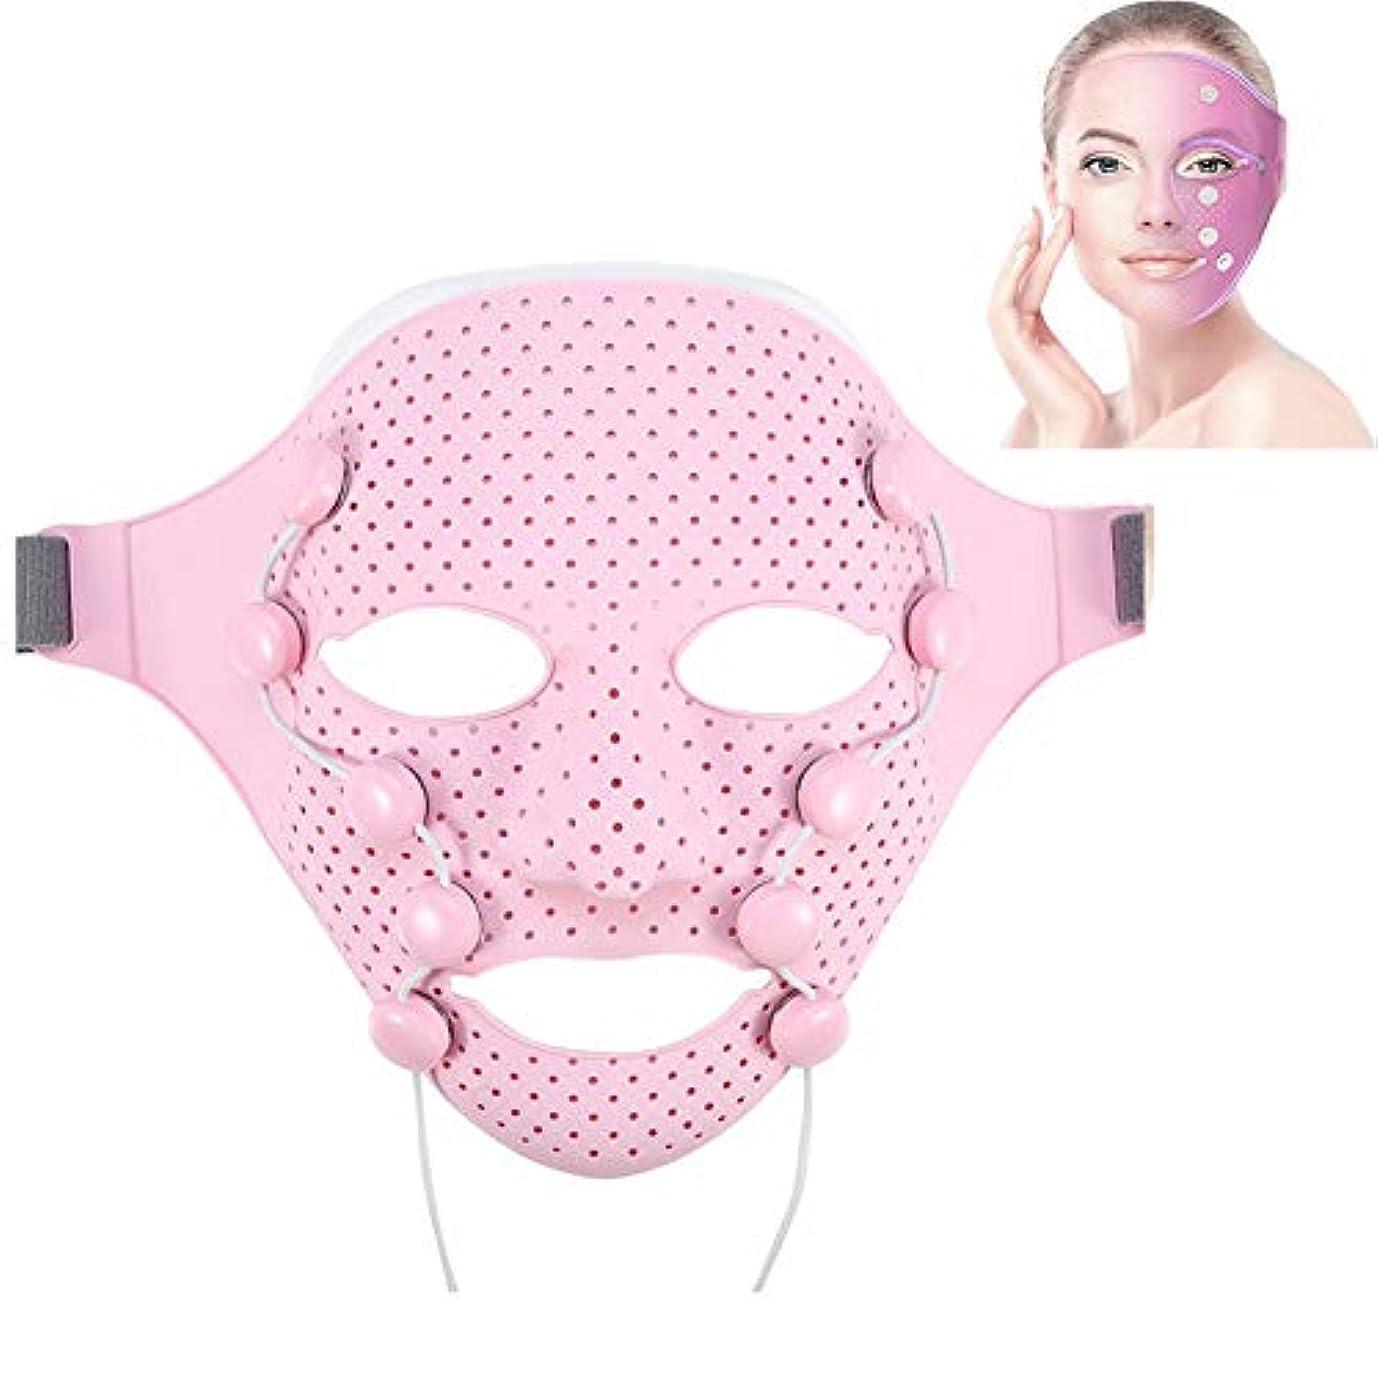 気まぐれなガチョウ芸術的電気EMS振動美容マッサージ器デバイス、フェイシャルスキンケアマスク、アンチリンクルマグネットマッサージフェイシャルスパフェイスマスク